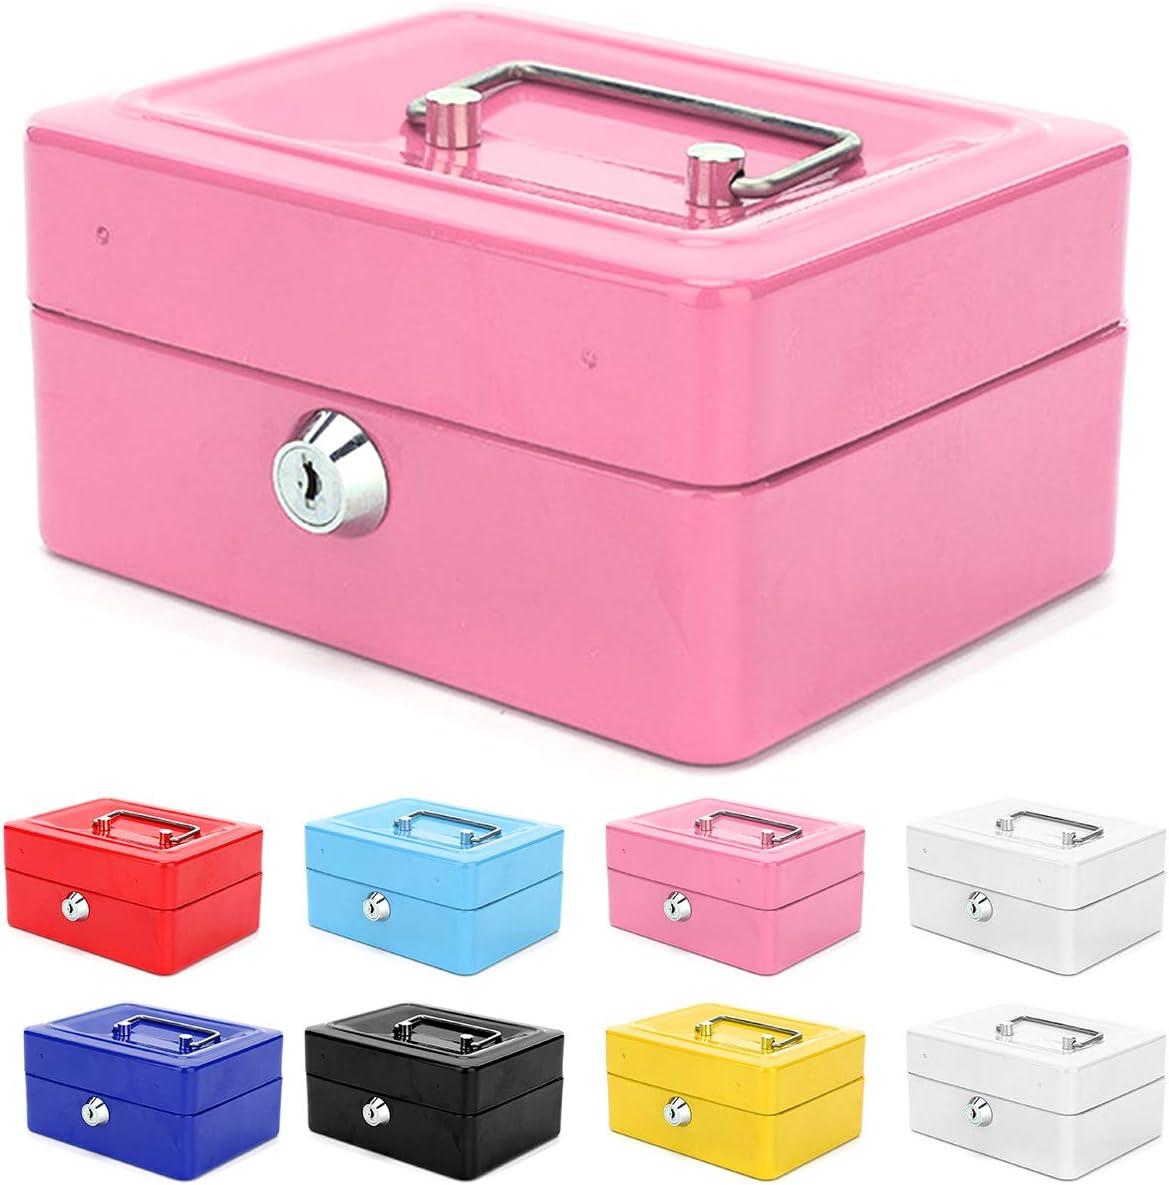 Caja de dinero con bandeja, pequeña caja de metal con cerradura con llaves, joyas, caja de almacenamiento de seguridad, rosa: Amazon.es: Oficina y papelería